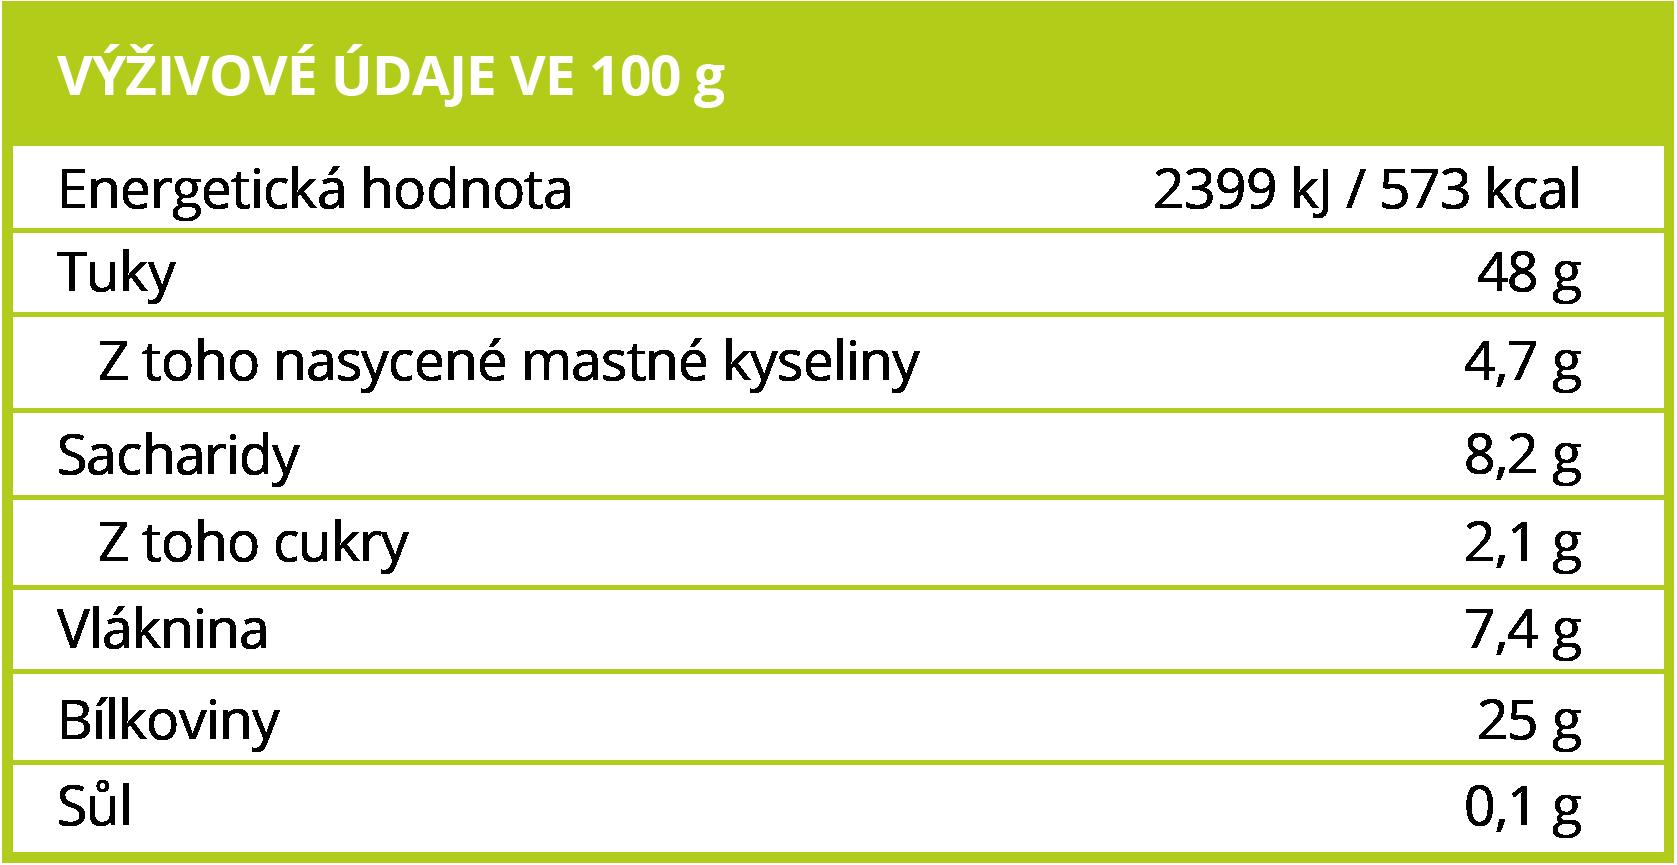 Výživové hodnoty BrainMax Pure Konopné semínko - BrainMarket.cz